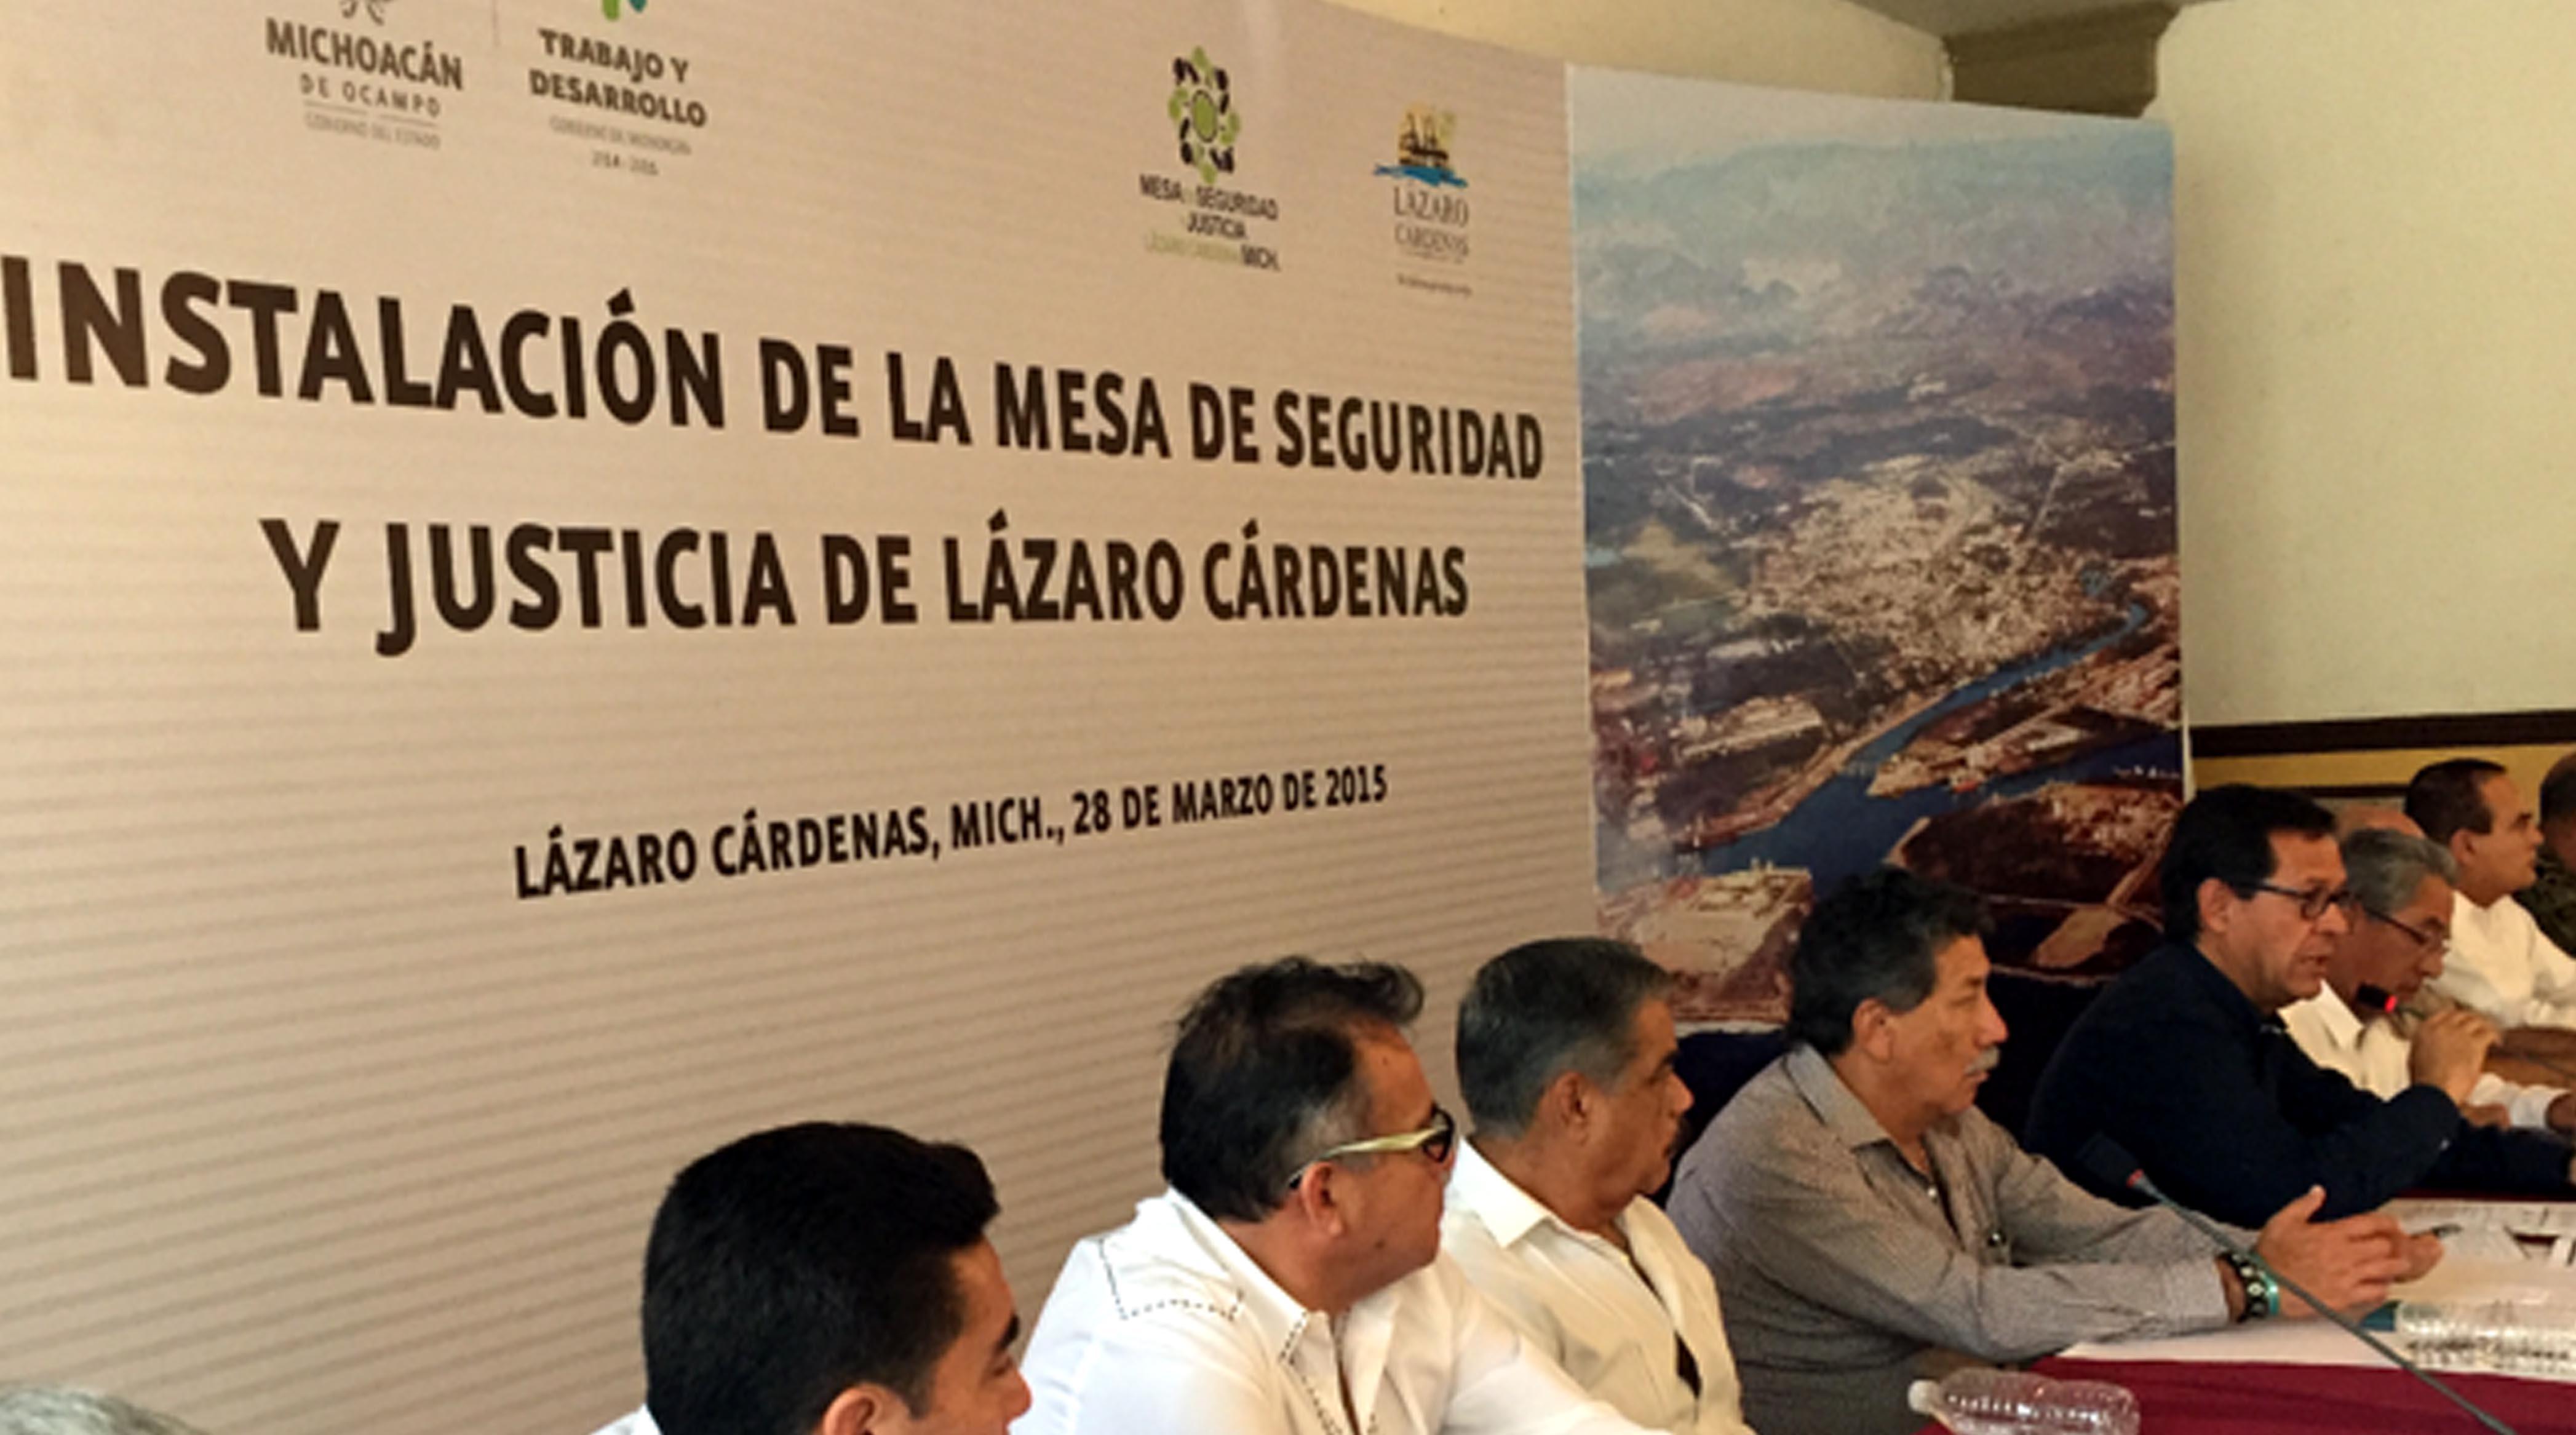 El subsecretario de Prevención y Participación Ciudadana, Roberto Campa Cifrián, durante la Instalación de la Mesa de Seguridad y Justicia de Lázaro Cárdenas, Michoacán